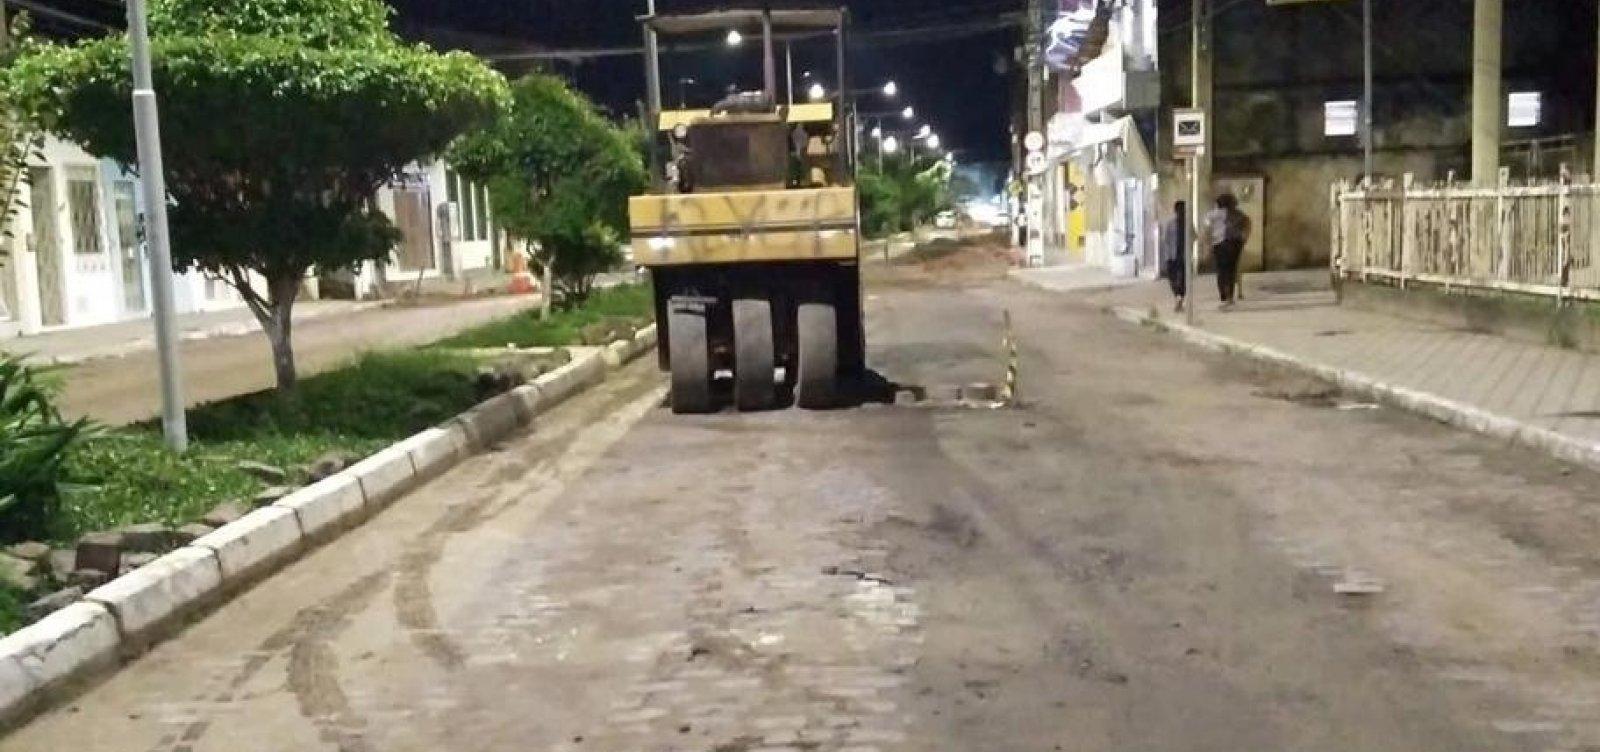 Veja: Jorge Portugal convoca 'picaretaço' para retirar asfalto em Santo Amaro